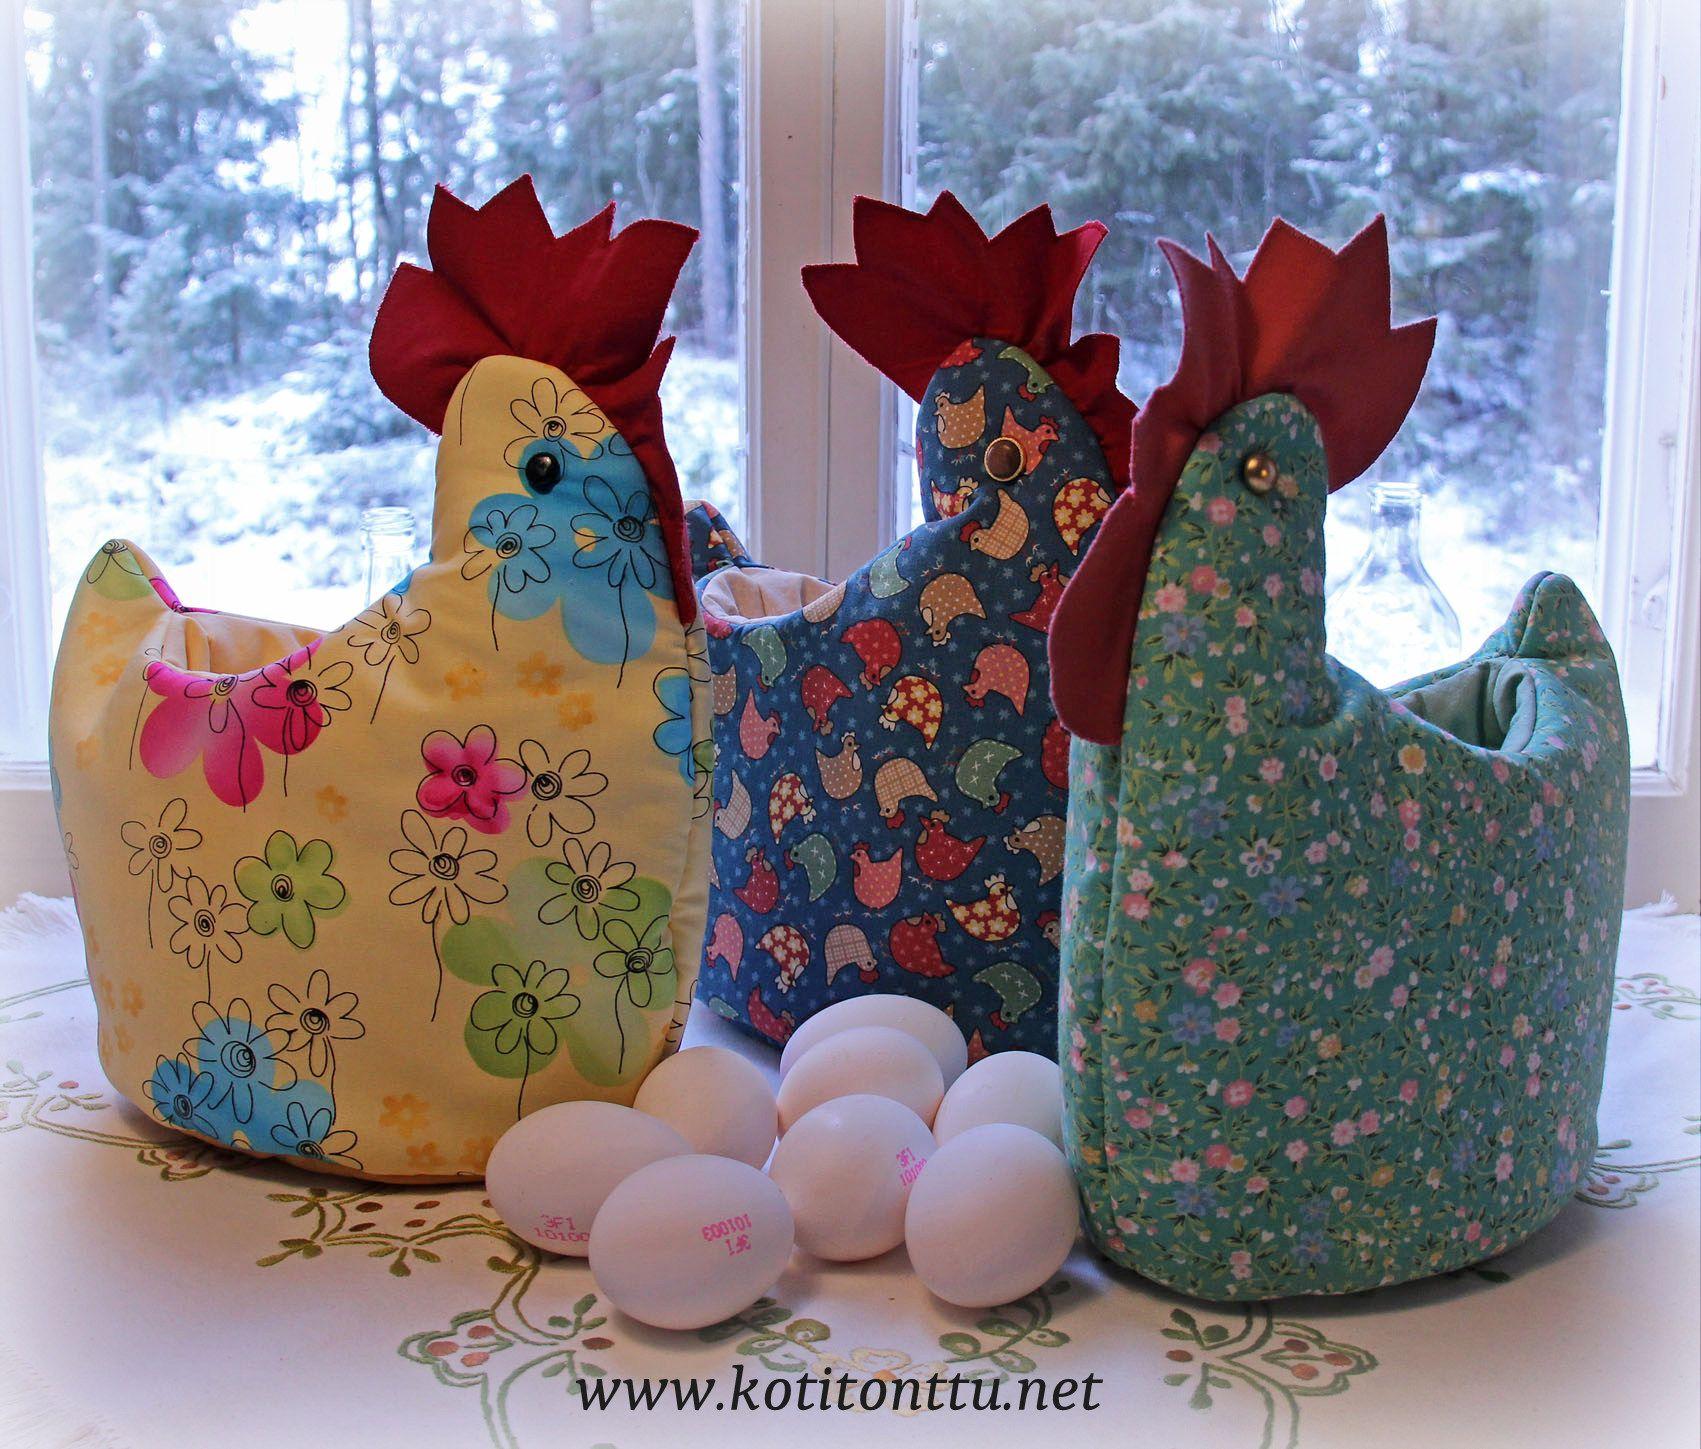 Hauska ja kaunis kana aamiaispöytään! Käsintehty kananmunan lämmitin pitää keitetyt kananmunat lämpöisinä. Myös hyvä piilopaikka karkeille! Kanan korkeus on n. 30 cm ja kanan sisälle mahtuu n.10 kananmunaa. Saat nyt kananmunanlämmittimen ALE-hintaan 29€ (norm.39€). Tarjous voimassa 1.4.2015 asti niin kauan kuin kanoja riittää. Katso www.kotitonttu.net ja löydät sekä valmiita kanoja että kanojen askartelupaketteja.